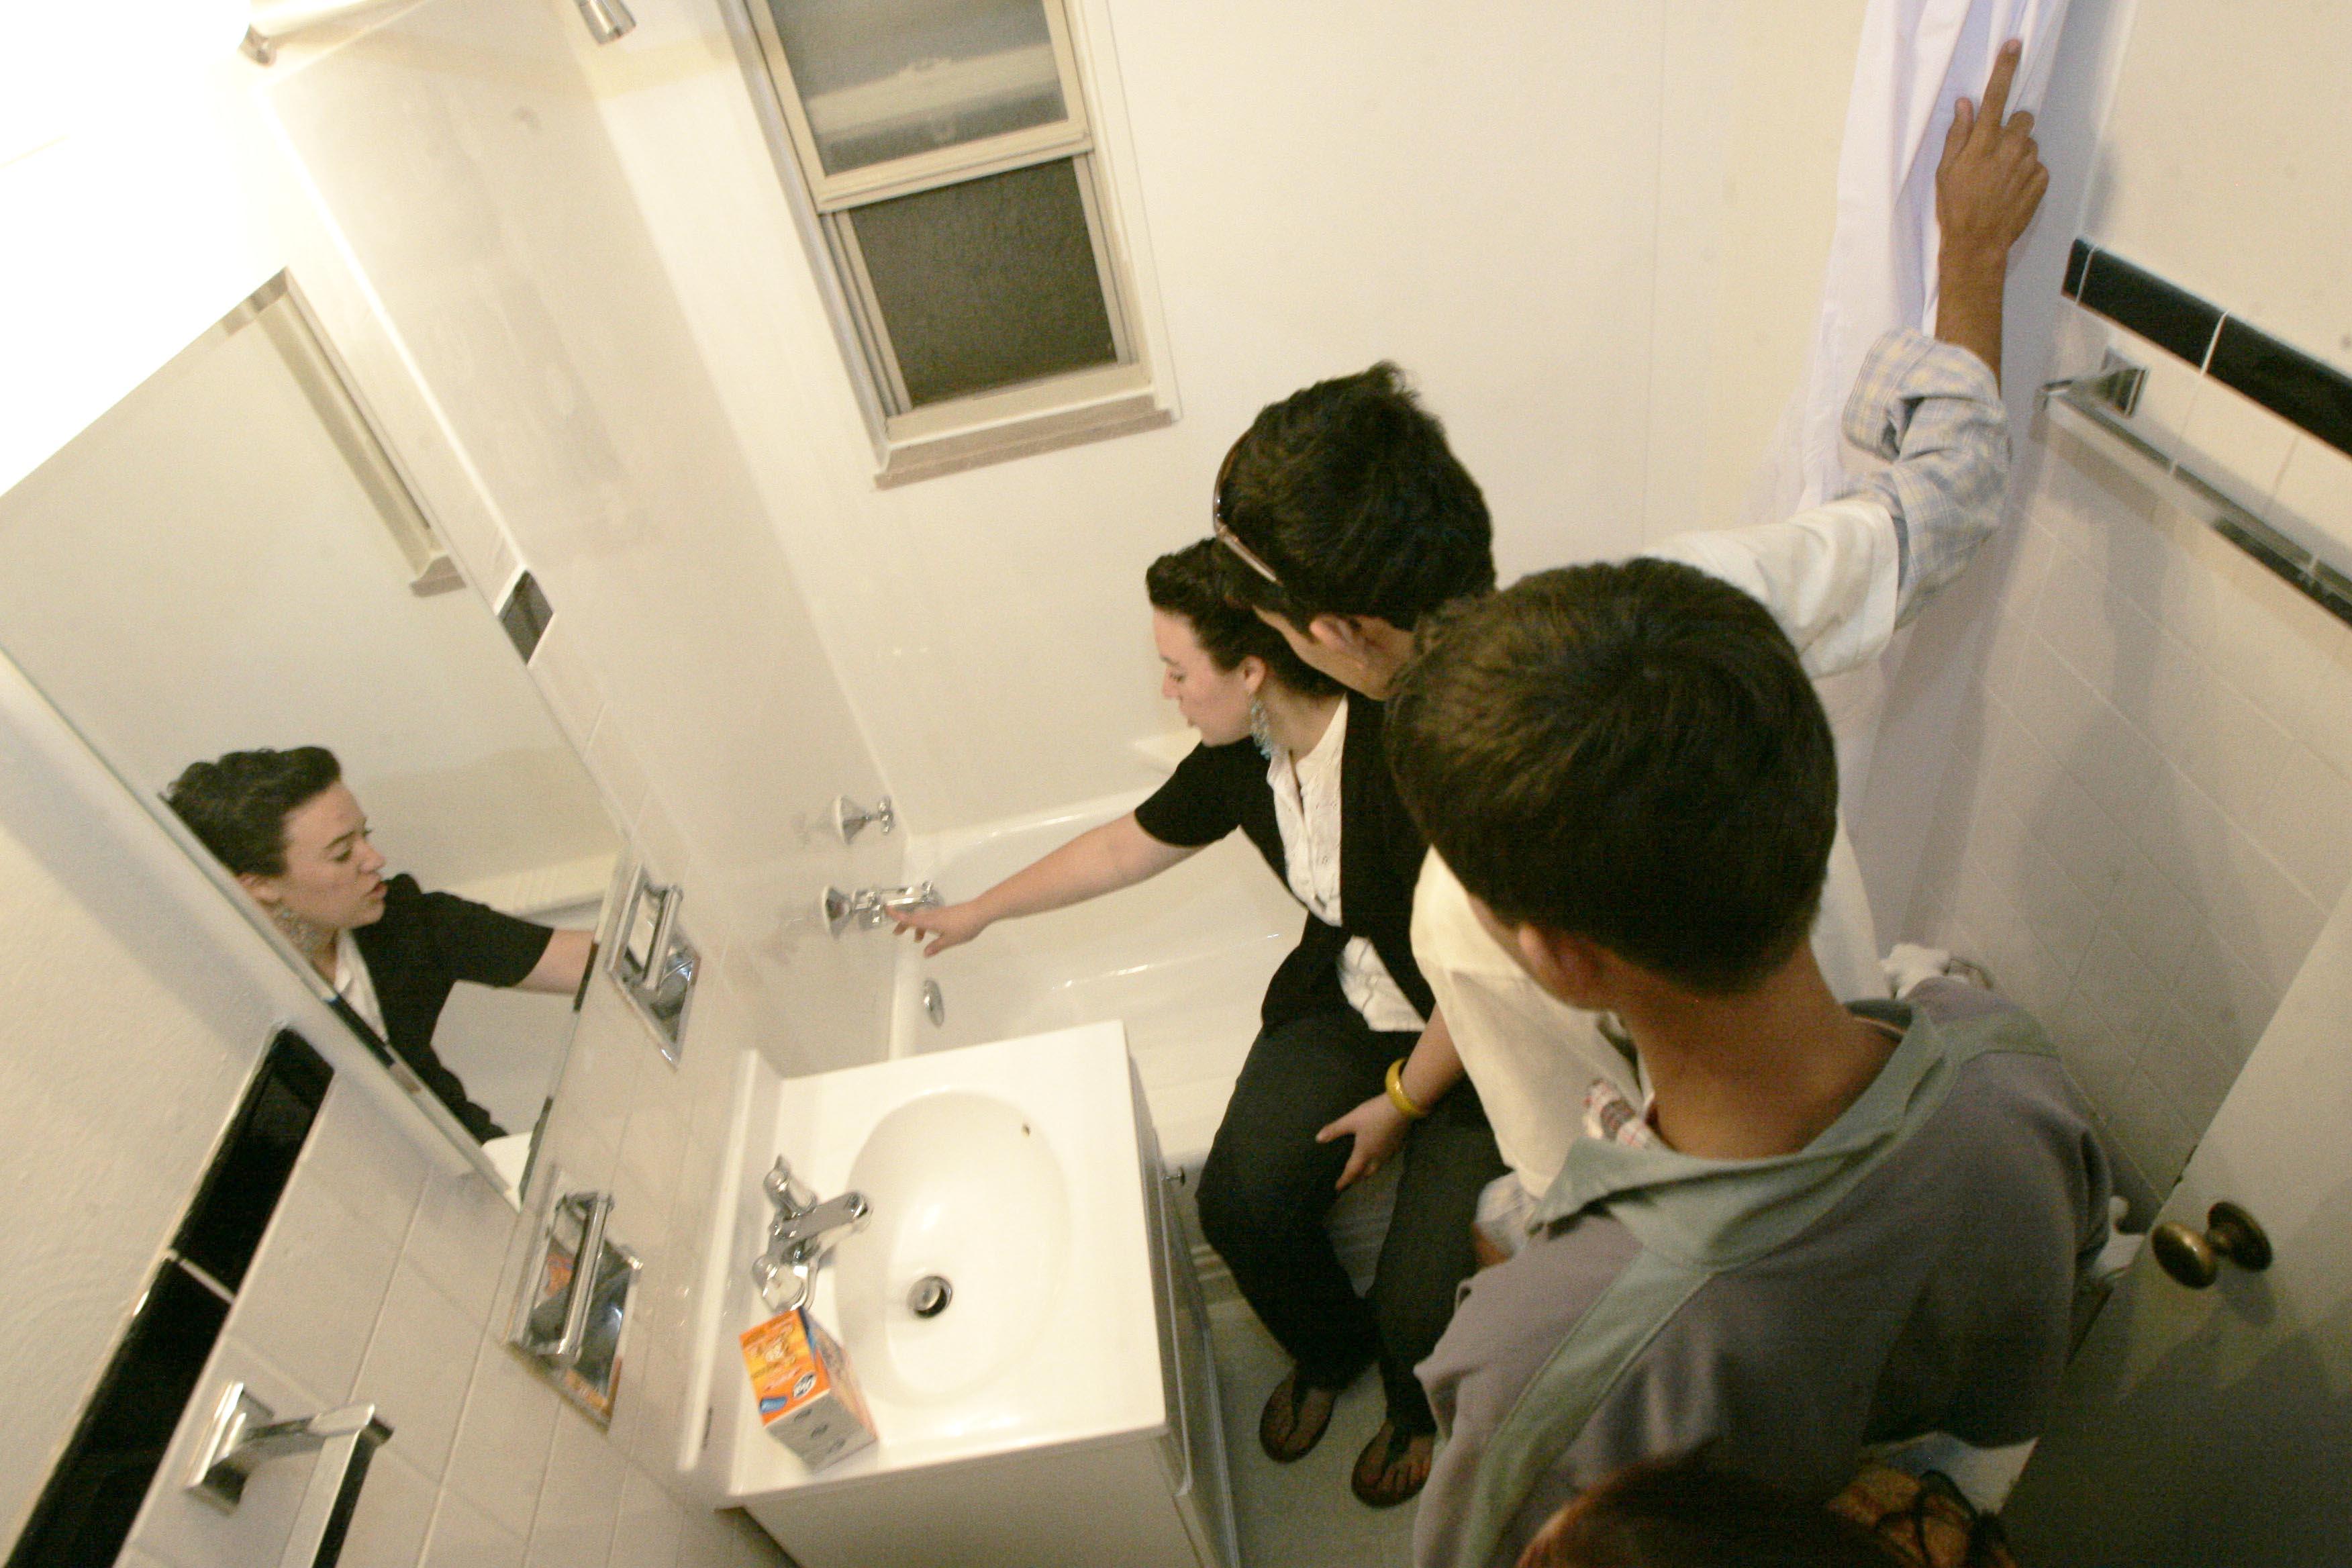 Une assistante sociale qui explique à deux réfugiées comment marchent une douche et une baignoire (© AP Images)